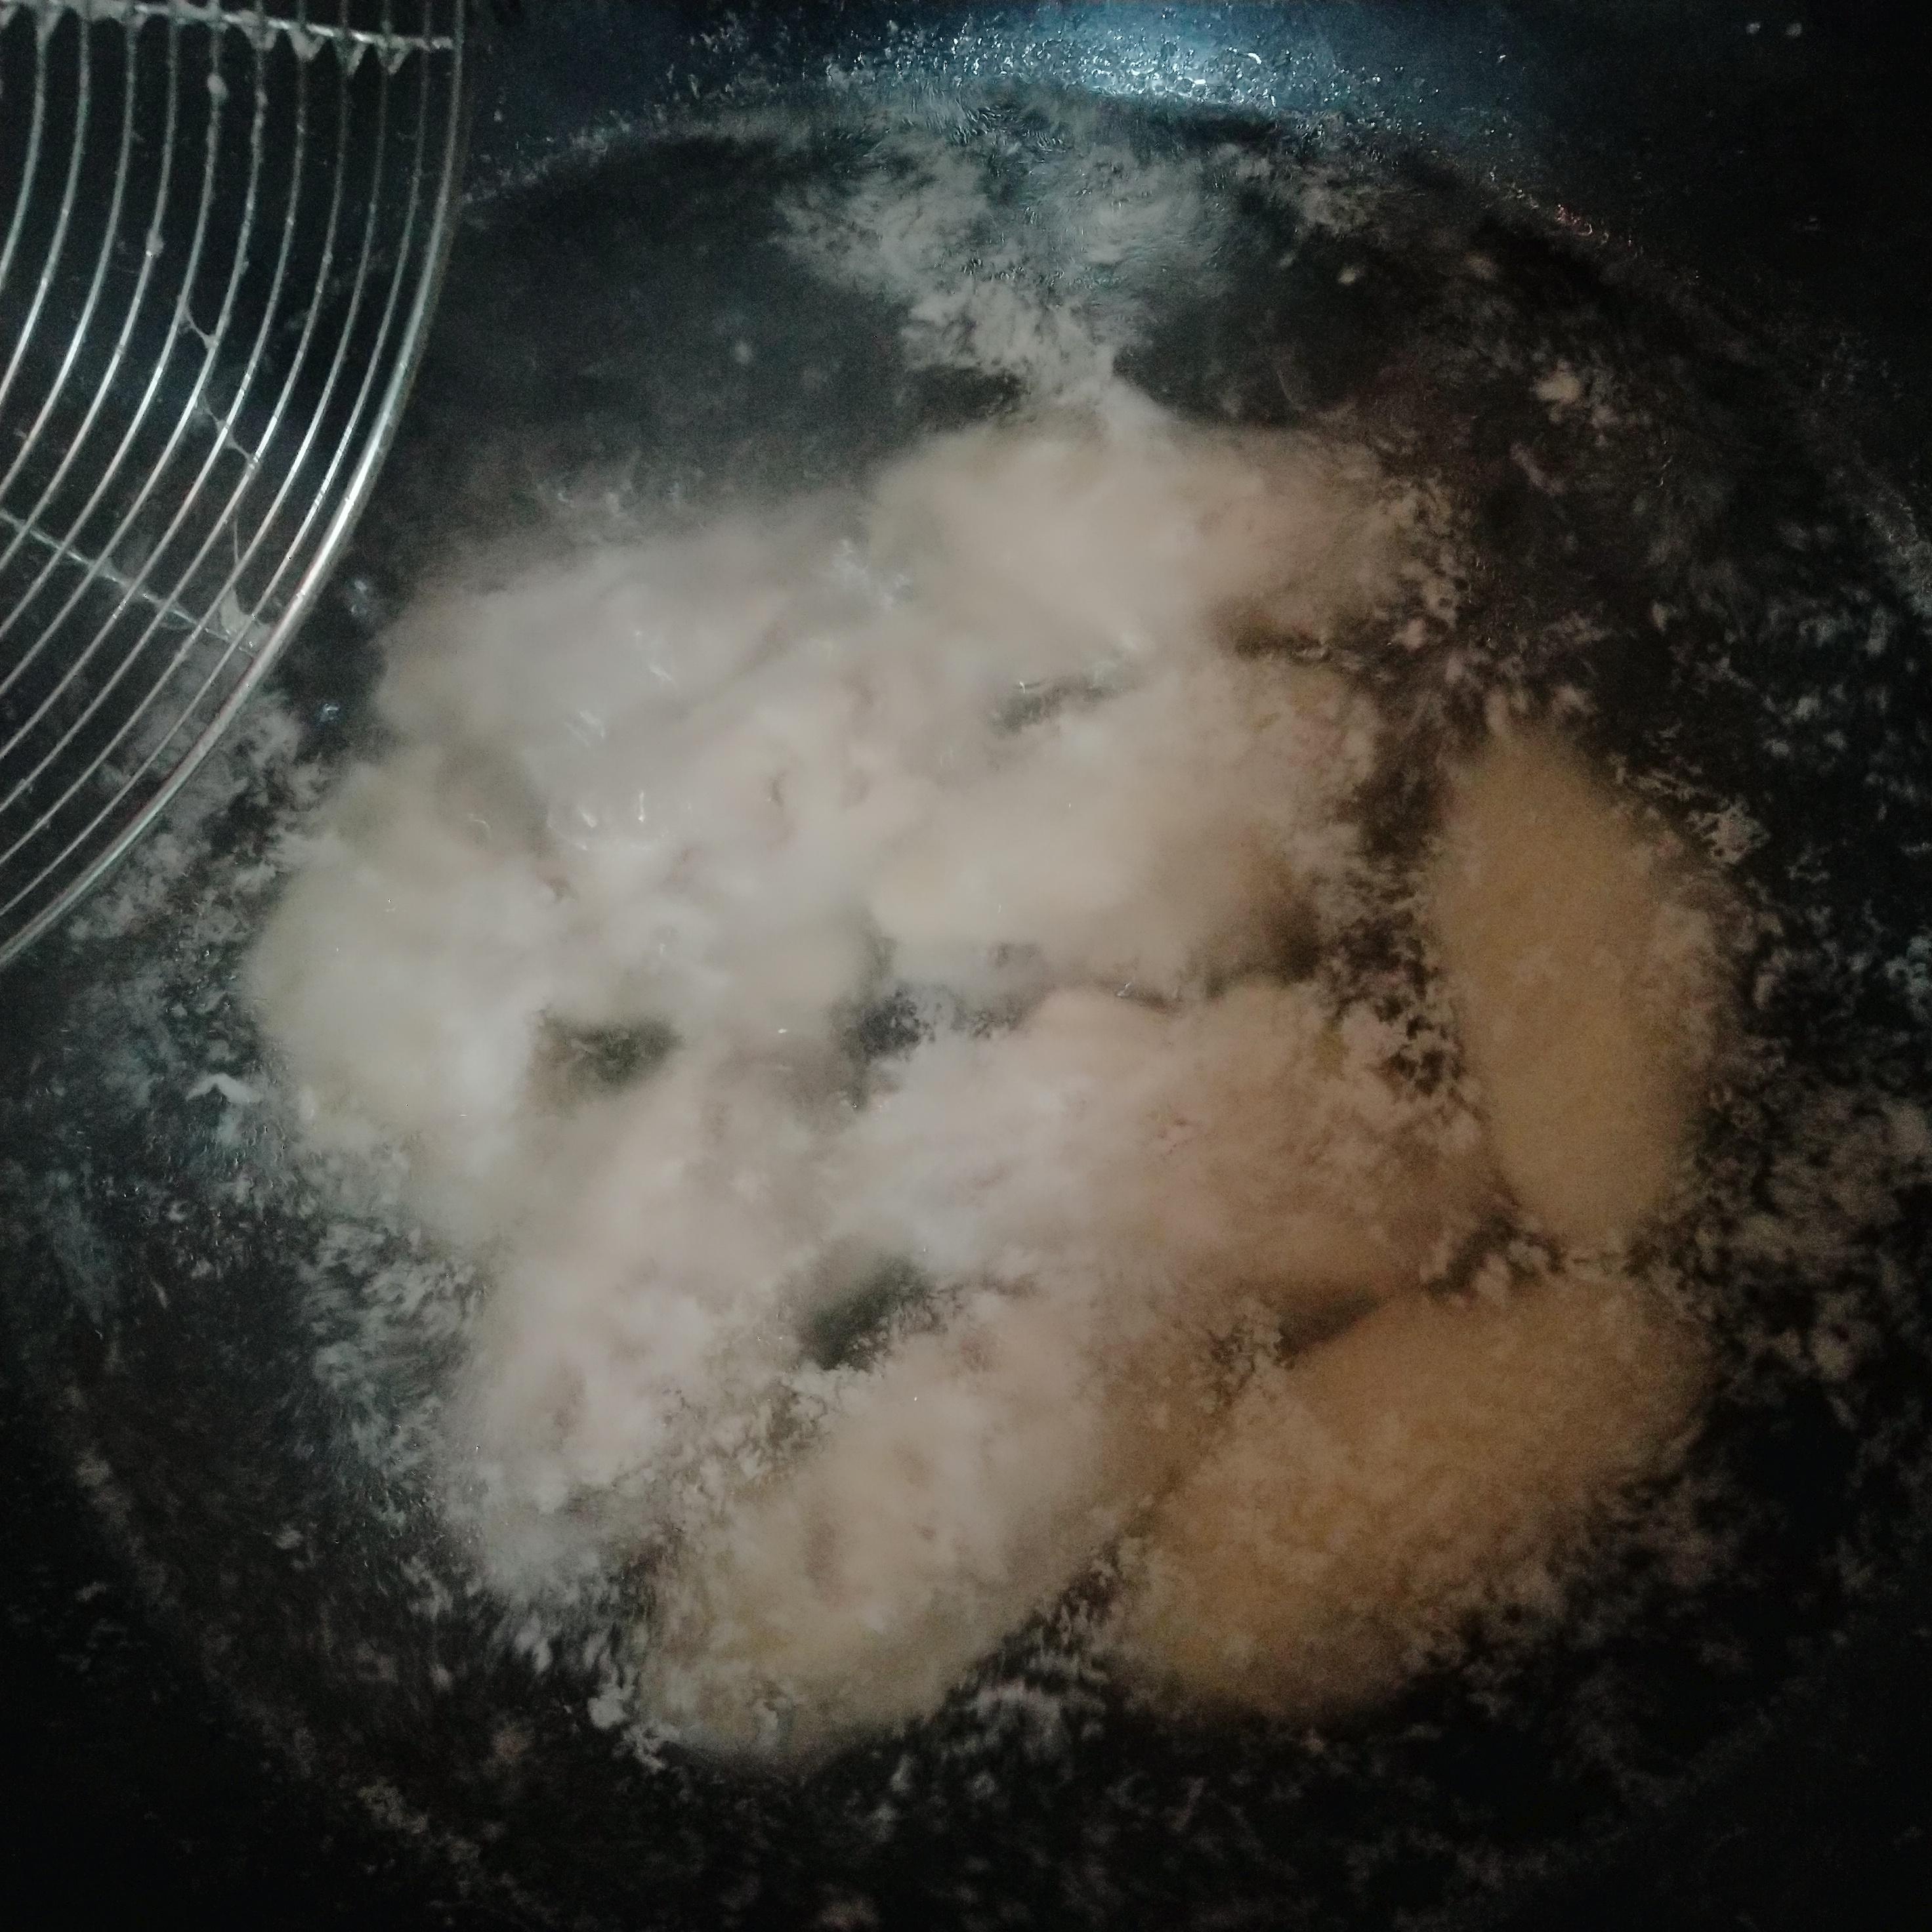 鸡翅焯水出浮沫